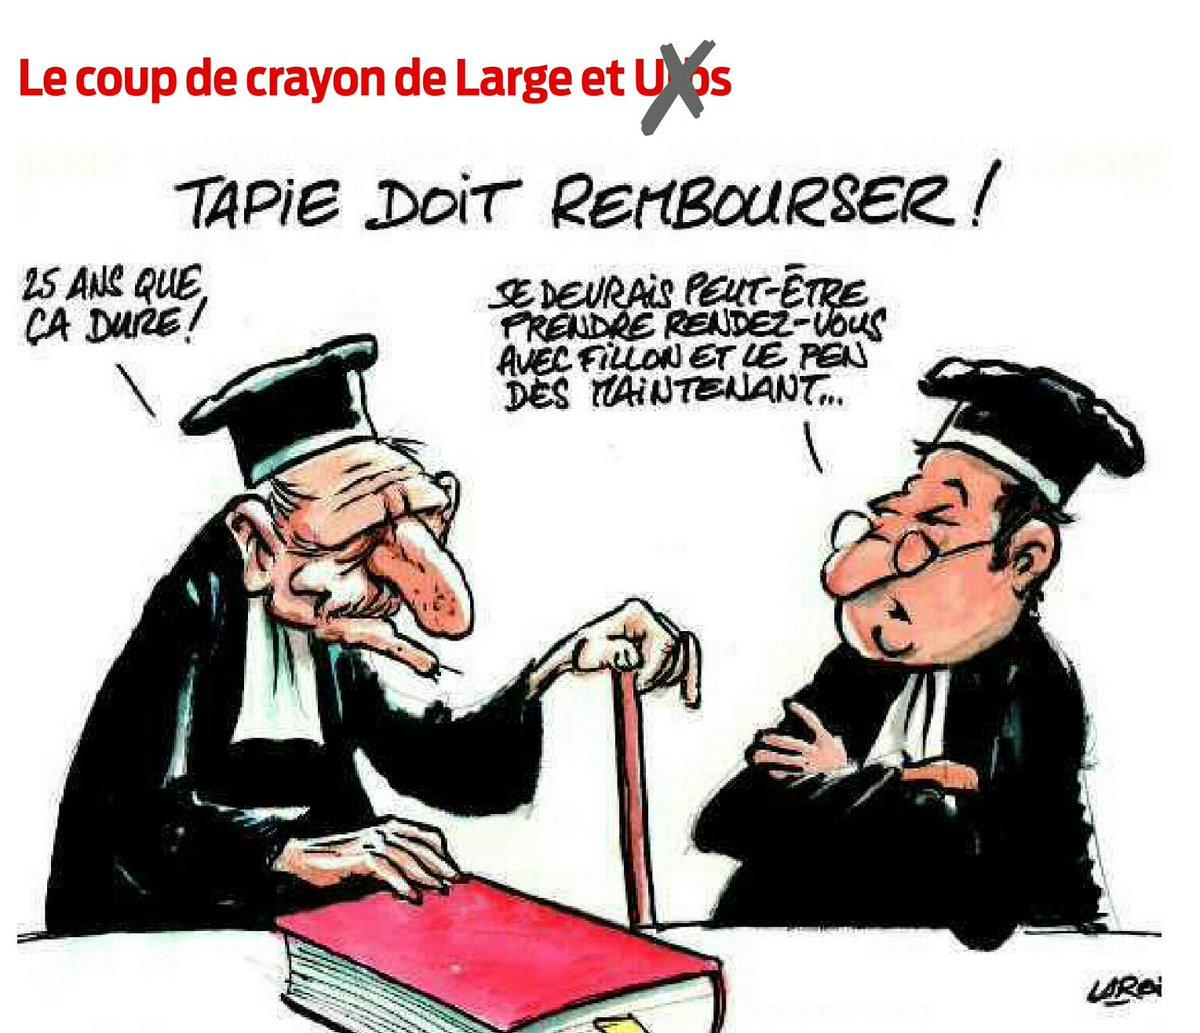 @ornikkar  #Tapie  doit rembourser  !  #justice  par @marclarge<br>http://pic.twitter.com/OCpd9sp9wU